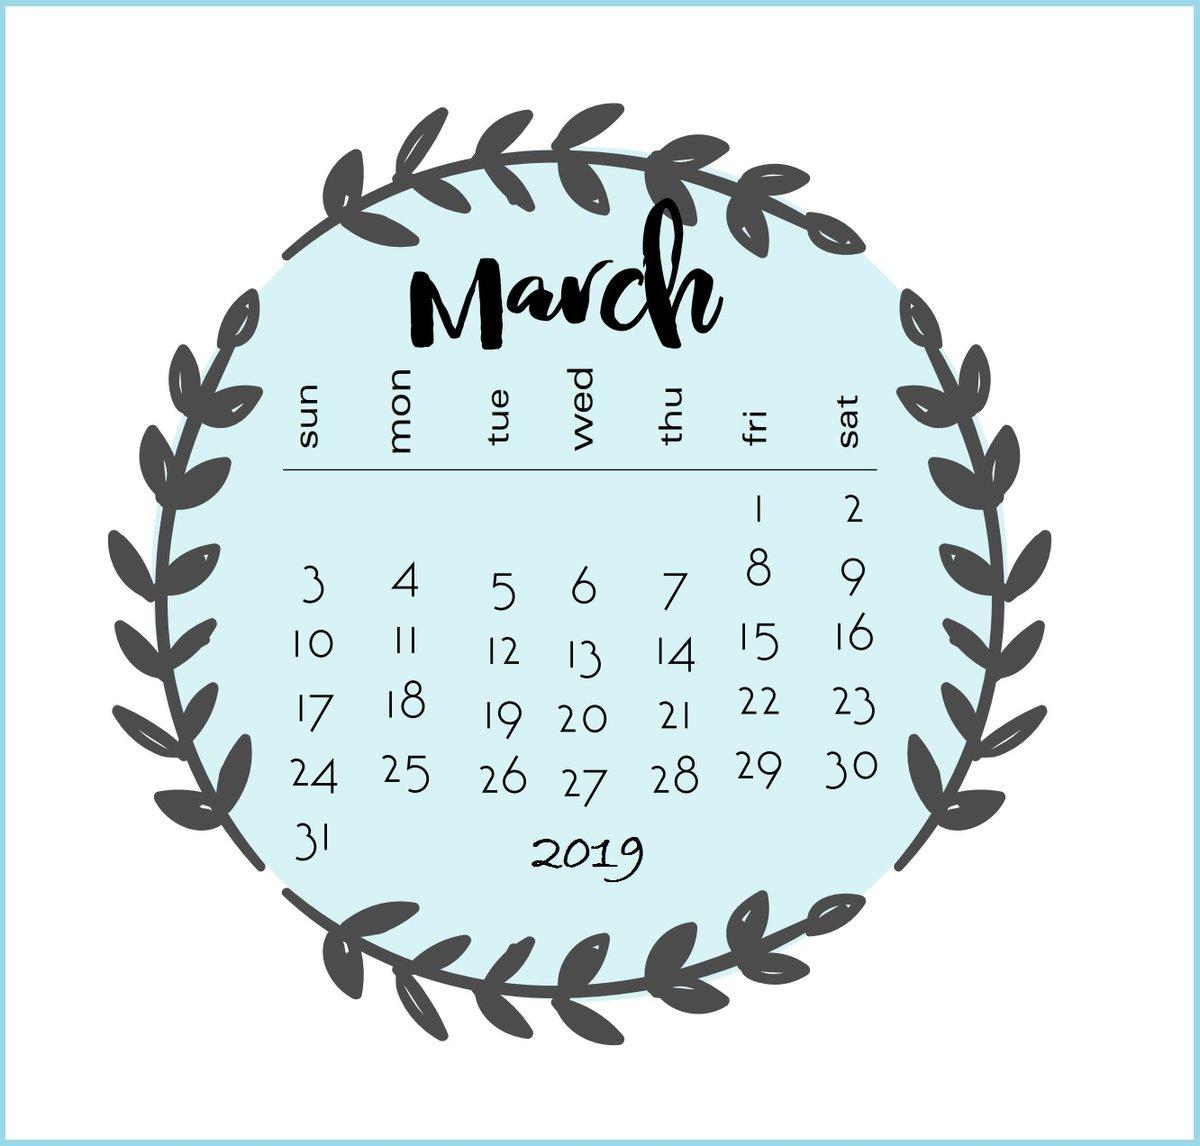 календарь на март с картинками своей работе